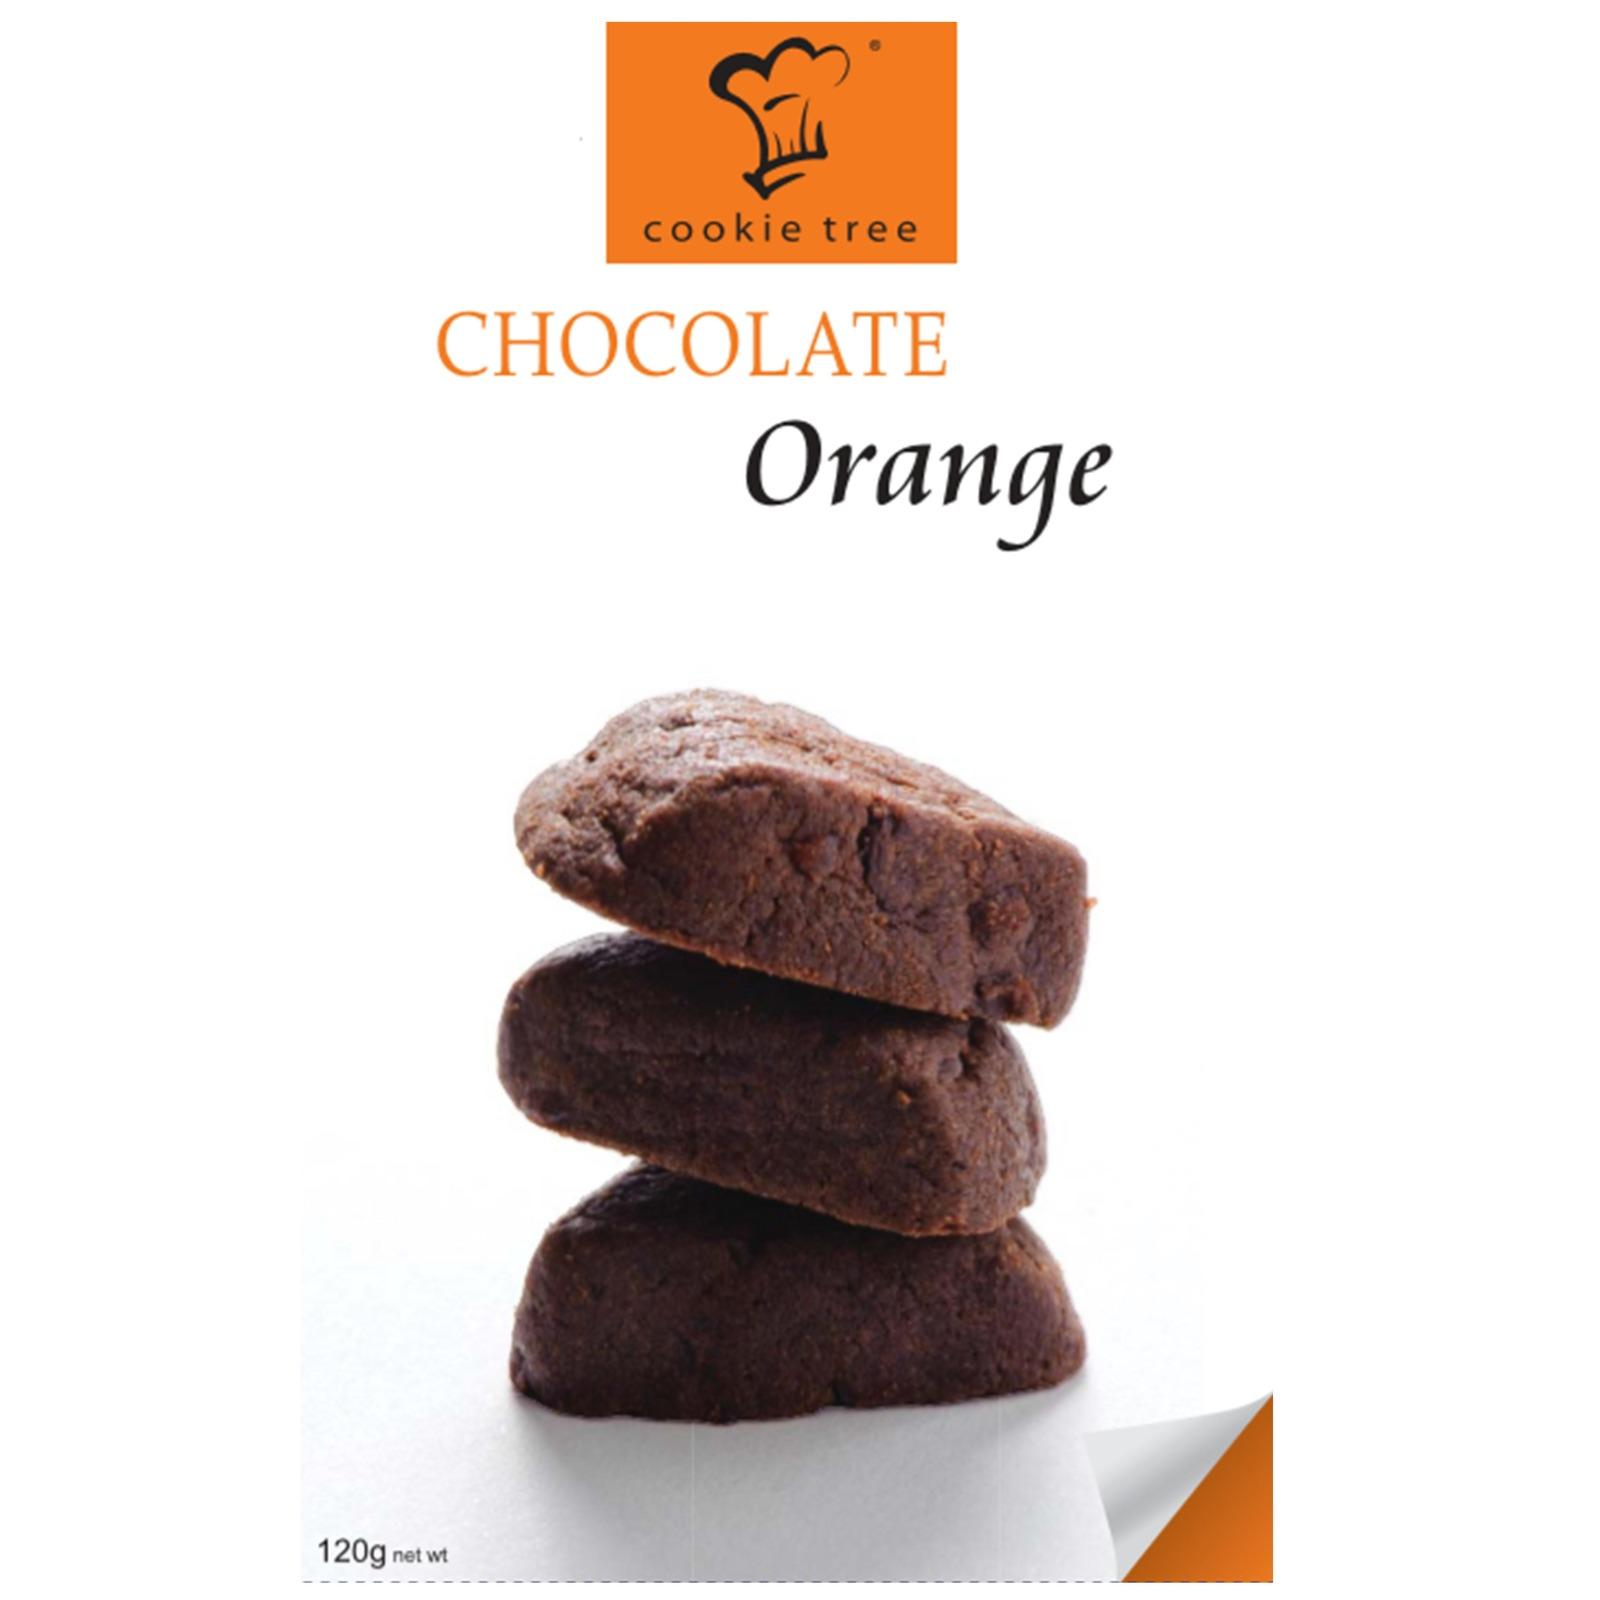 Cookie Tree Chocolate Orange Cookies